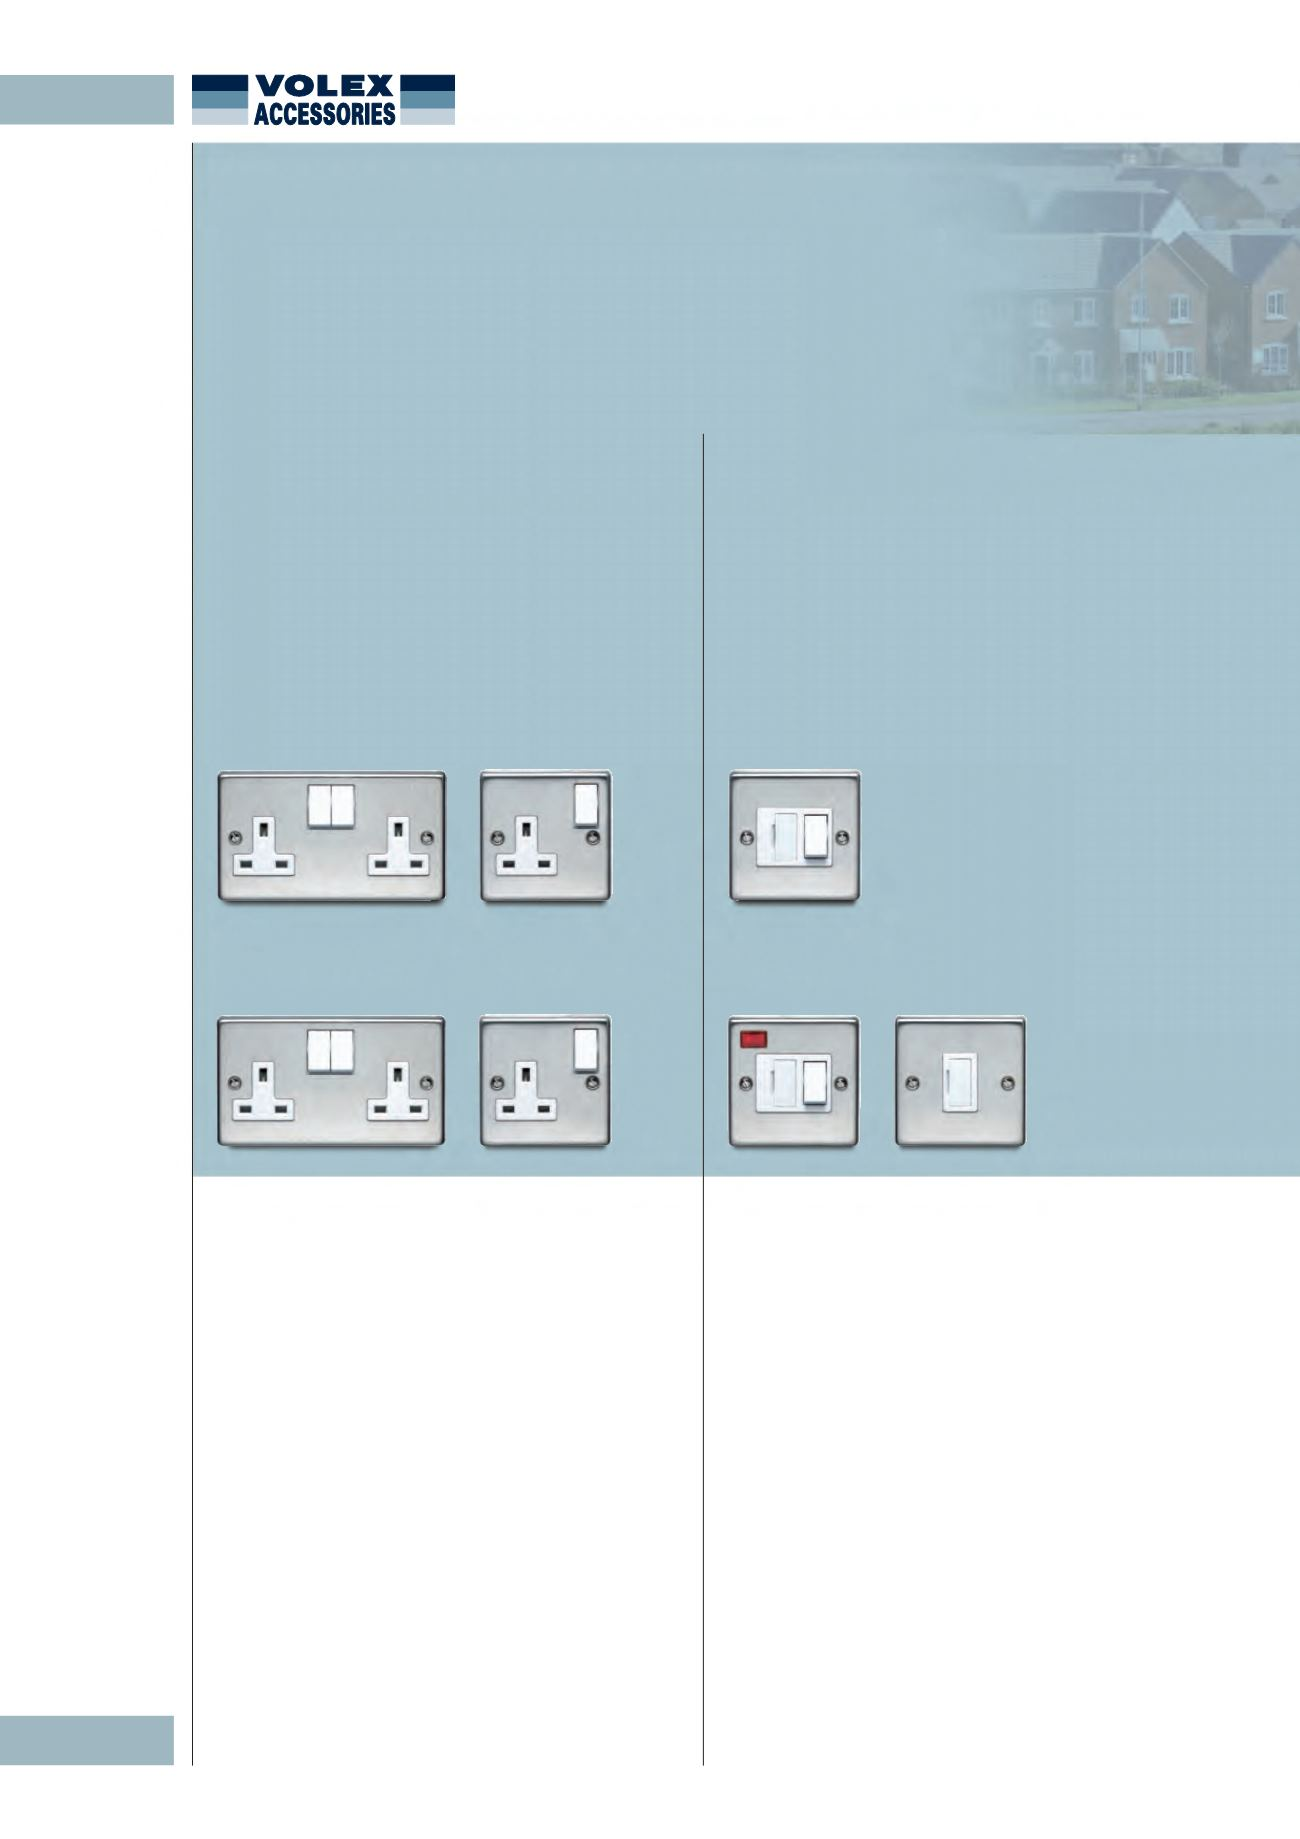 hight resolution of volex switch wiring diagram list of schematic circuit diagram u2022 2 way switch wiring